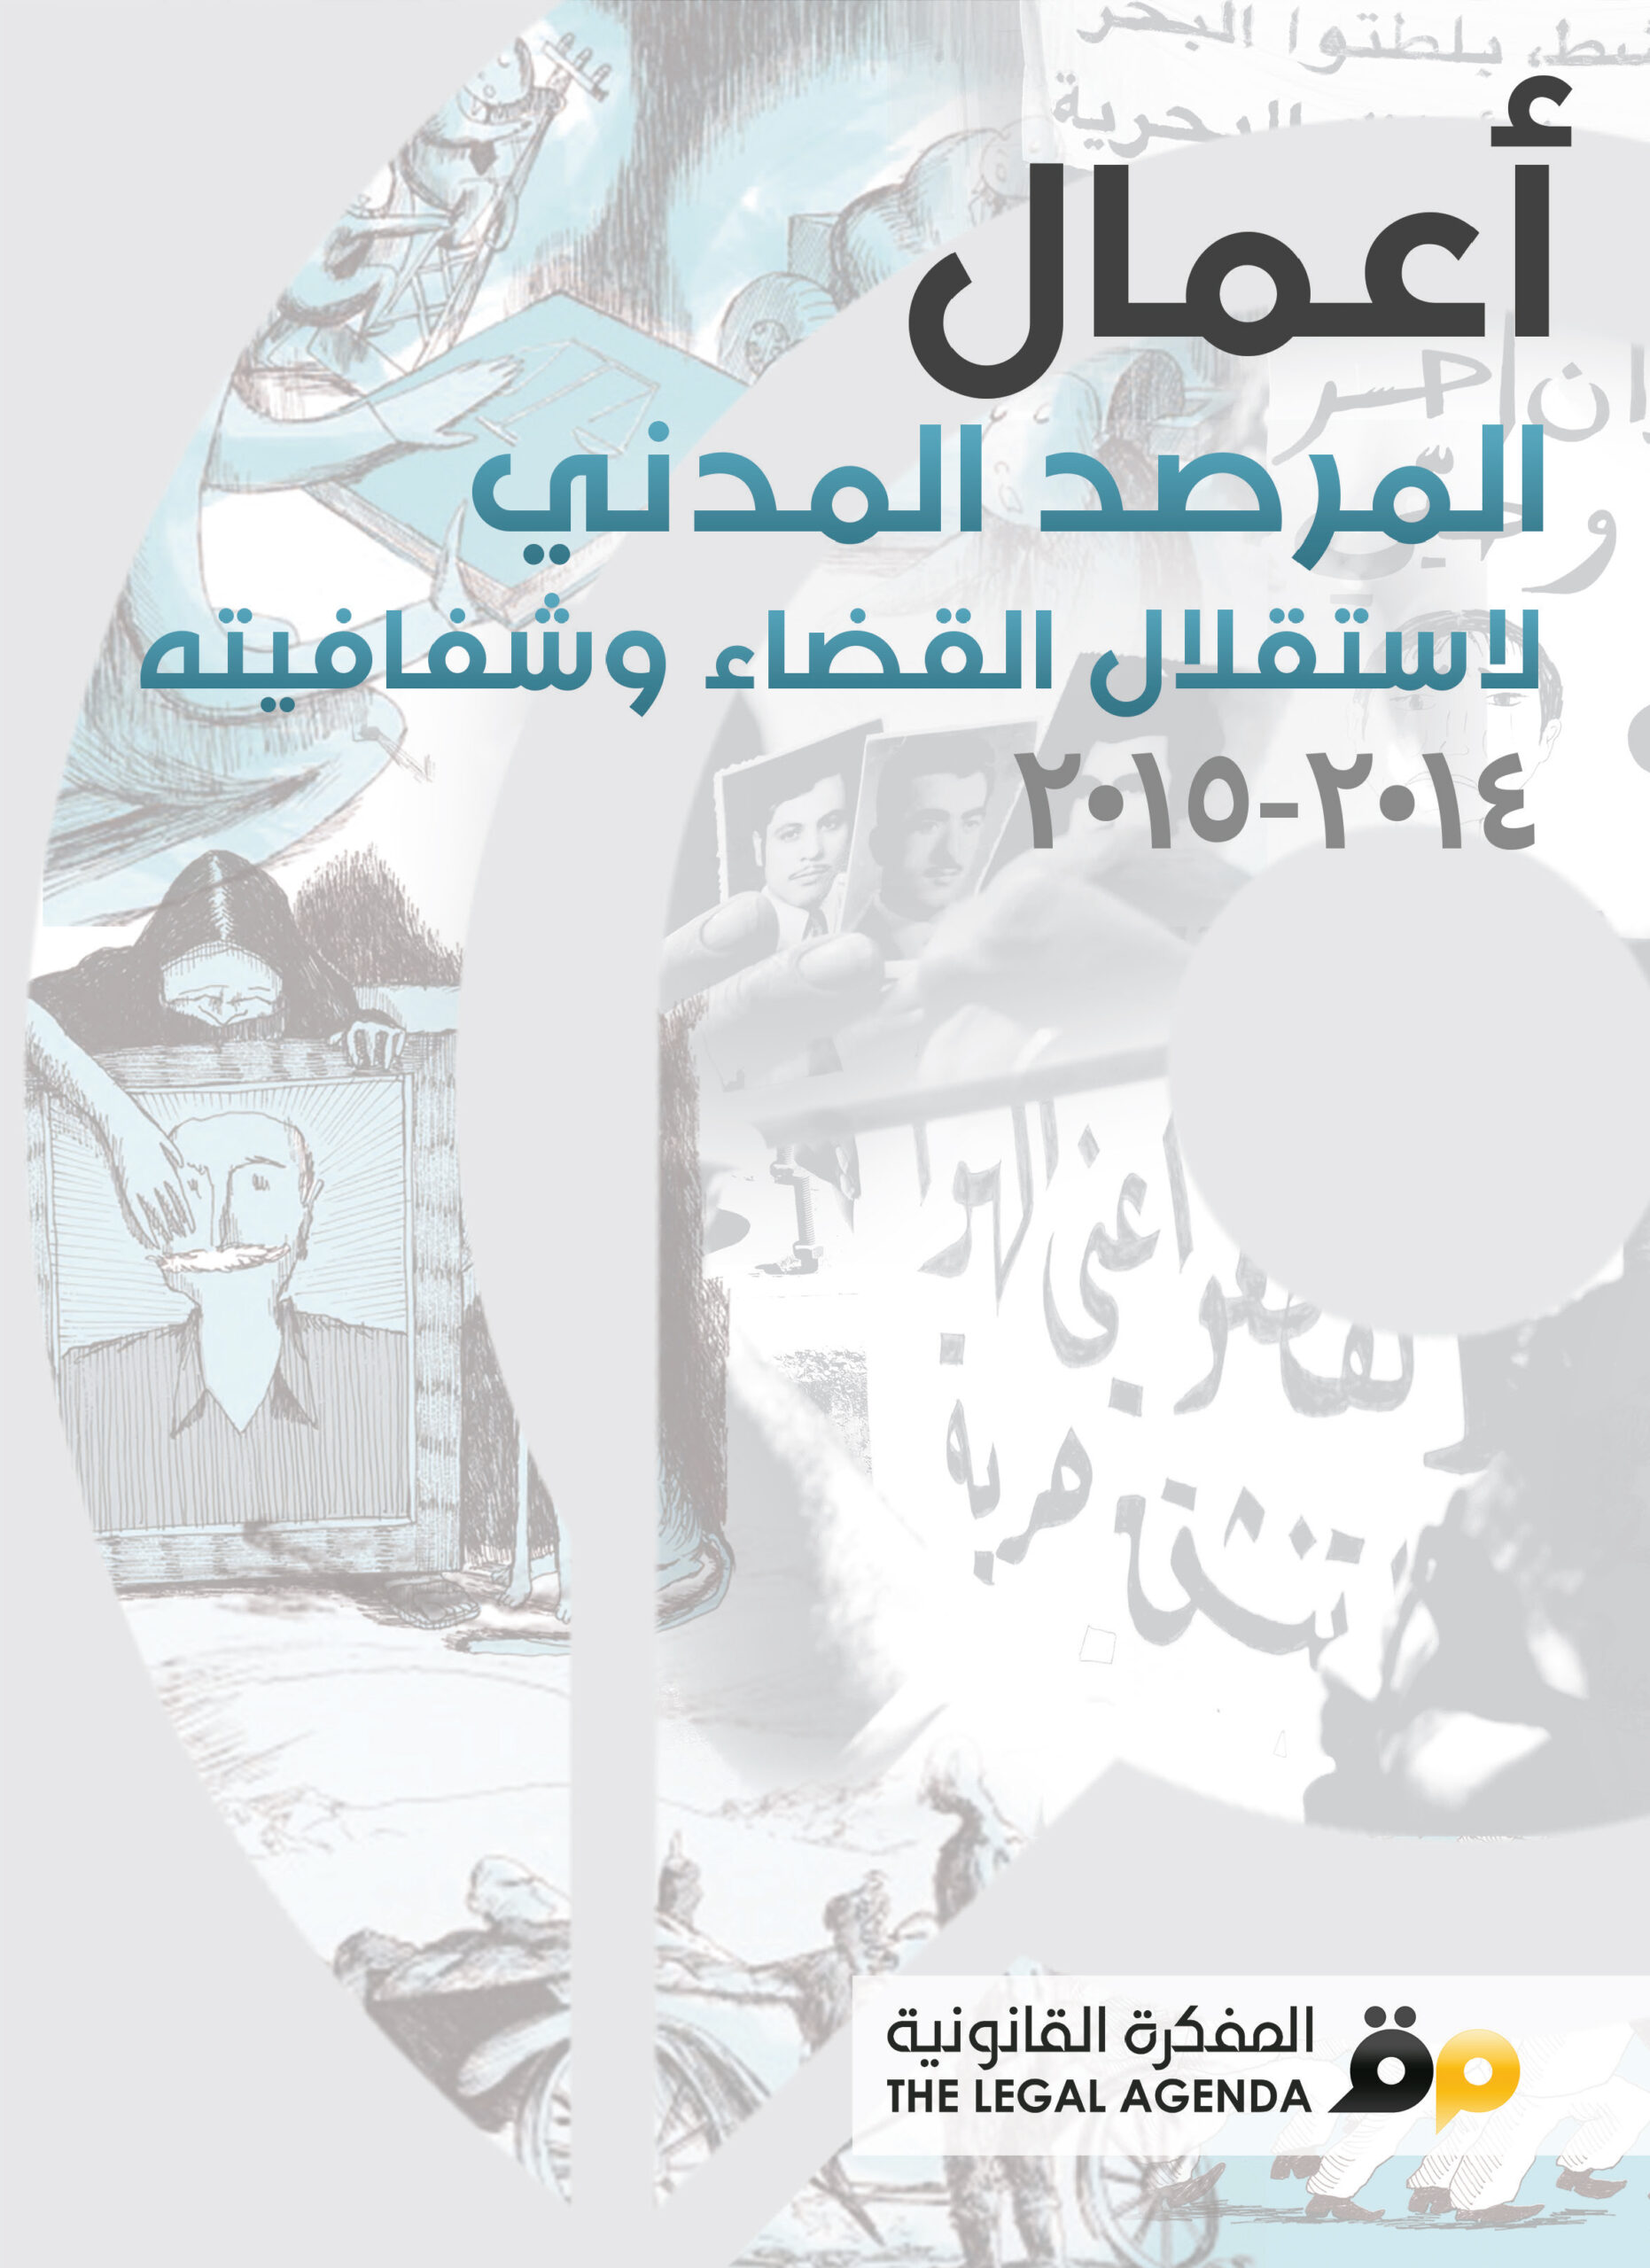 أعمال المرصد المدني لاستقلال القضاء وشفافيته 2014-2015